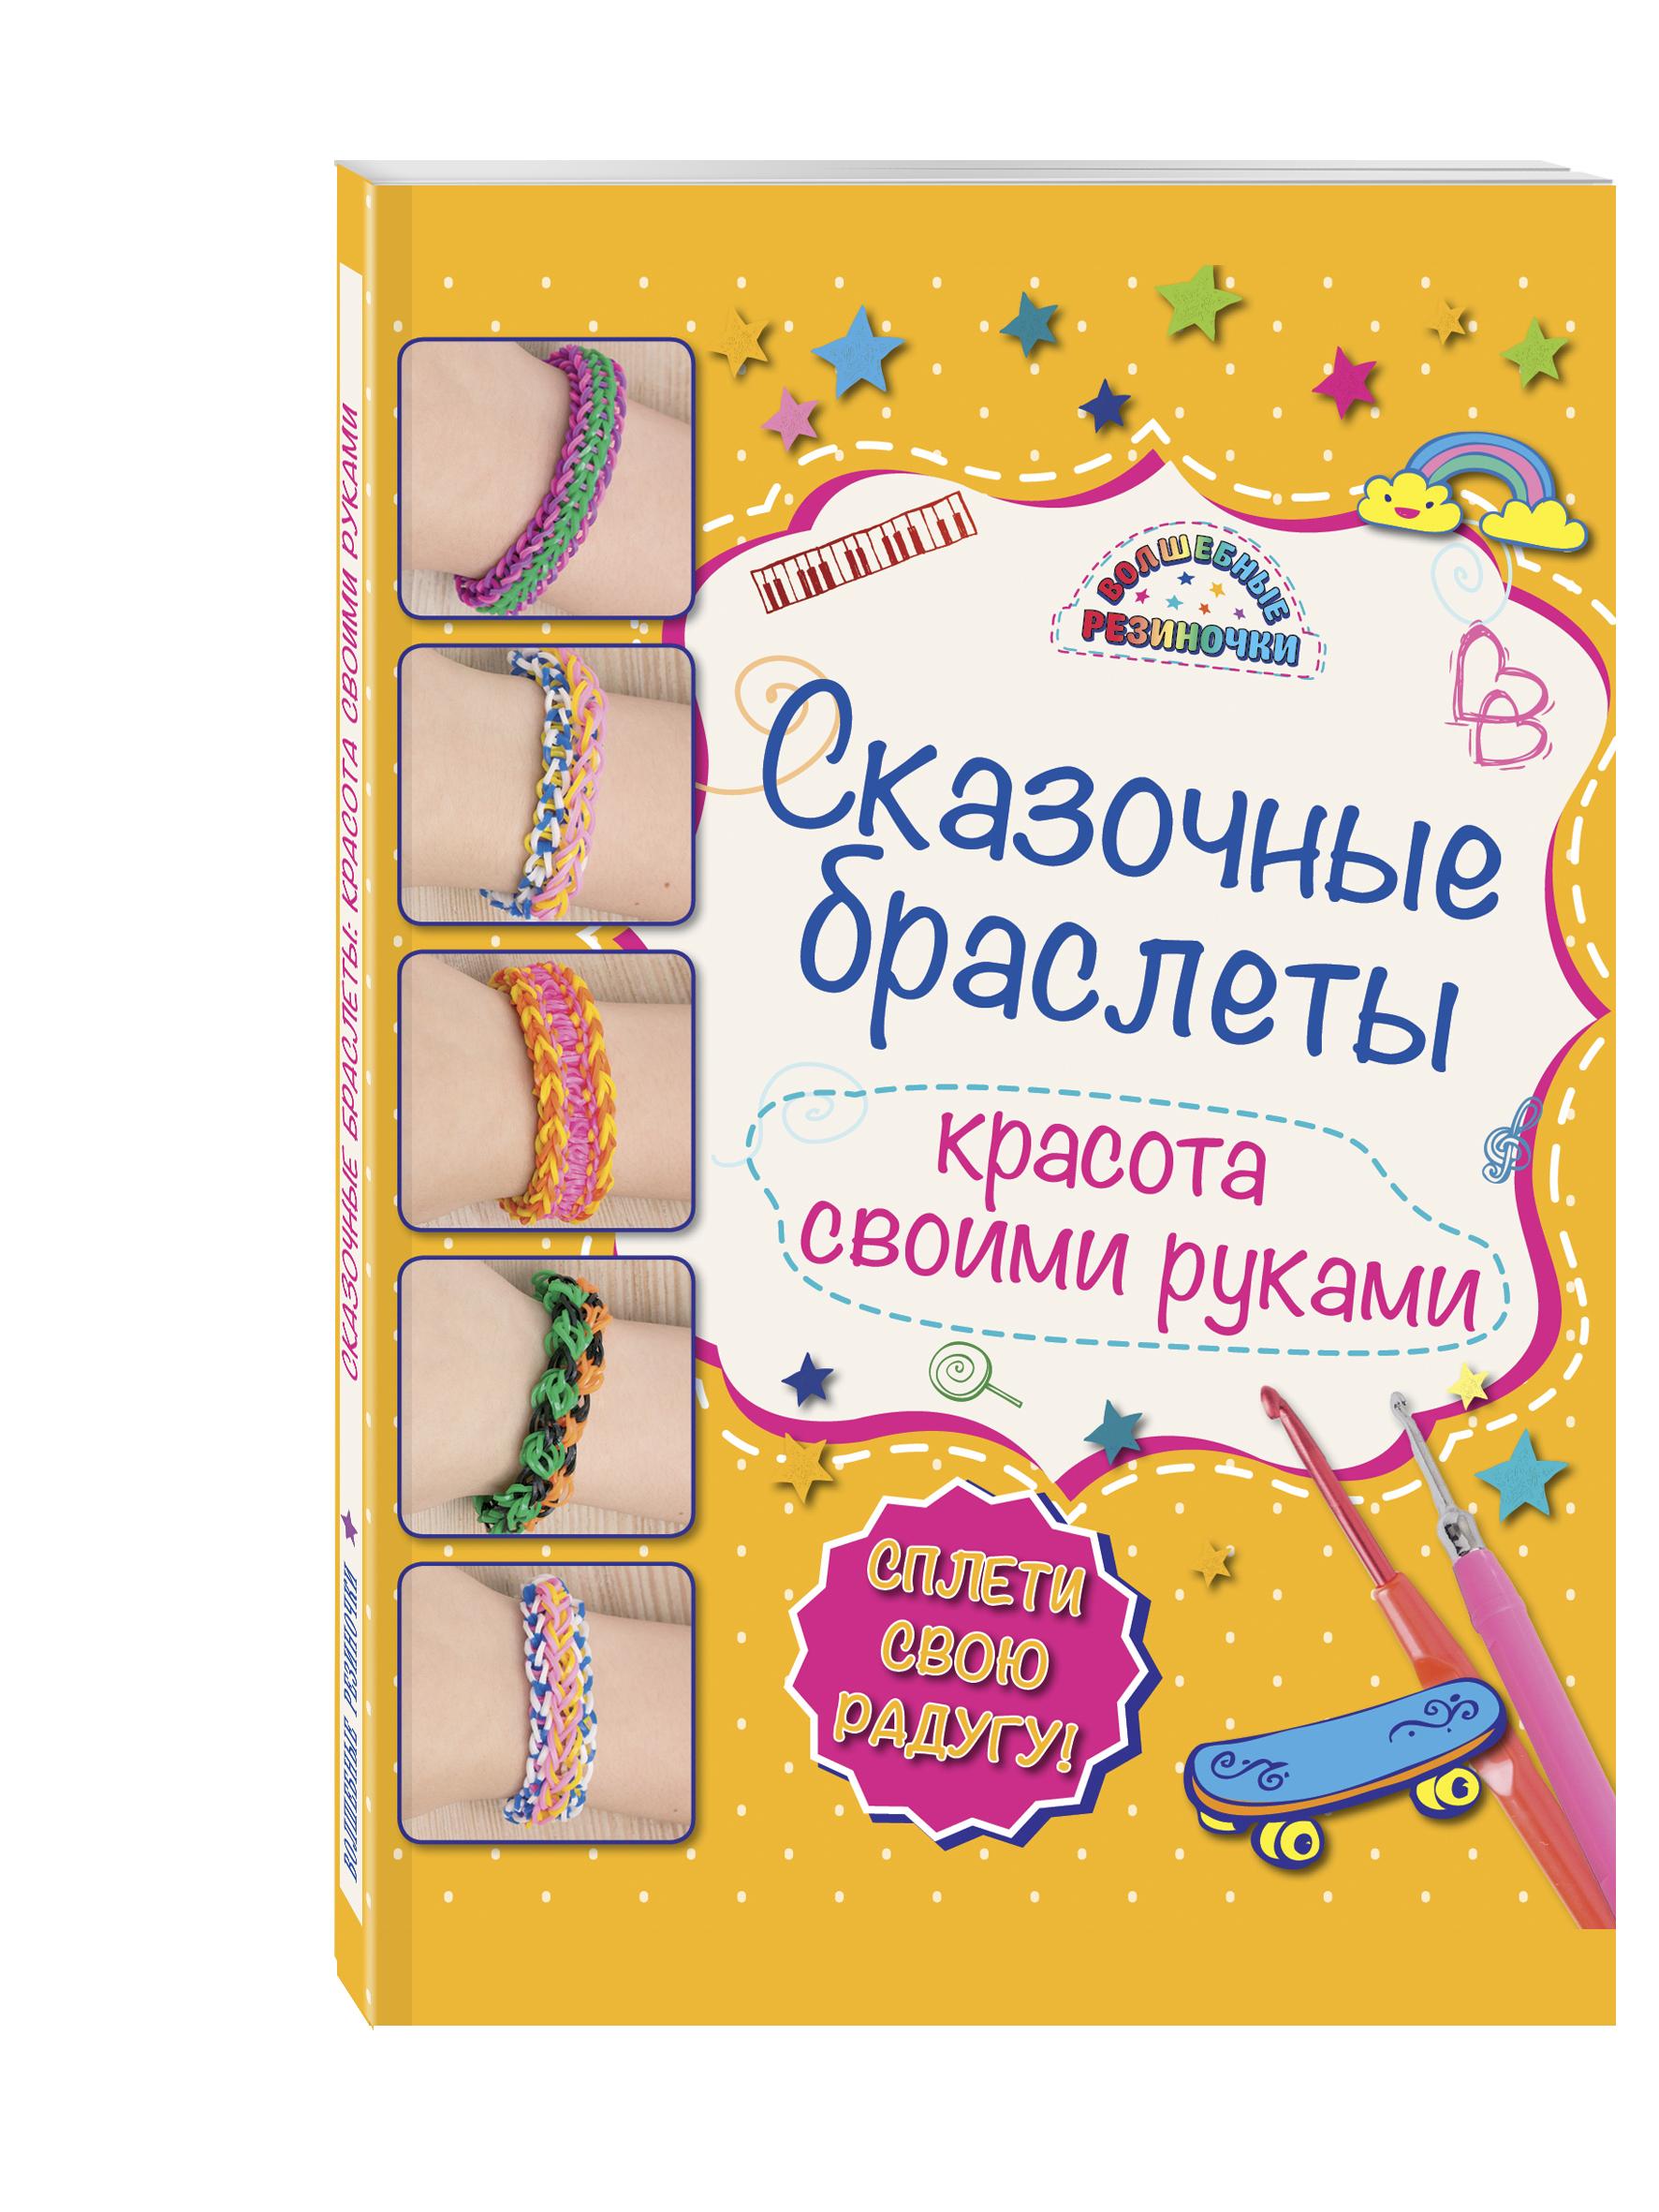 Сказочные браслеты: волшебные резиночки (книга + упаковка с резиночками)